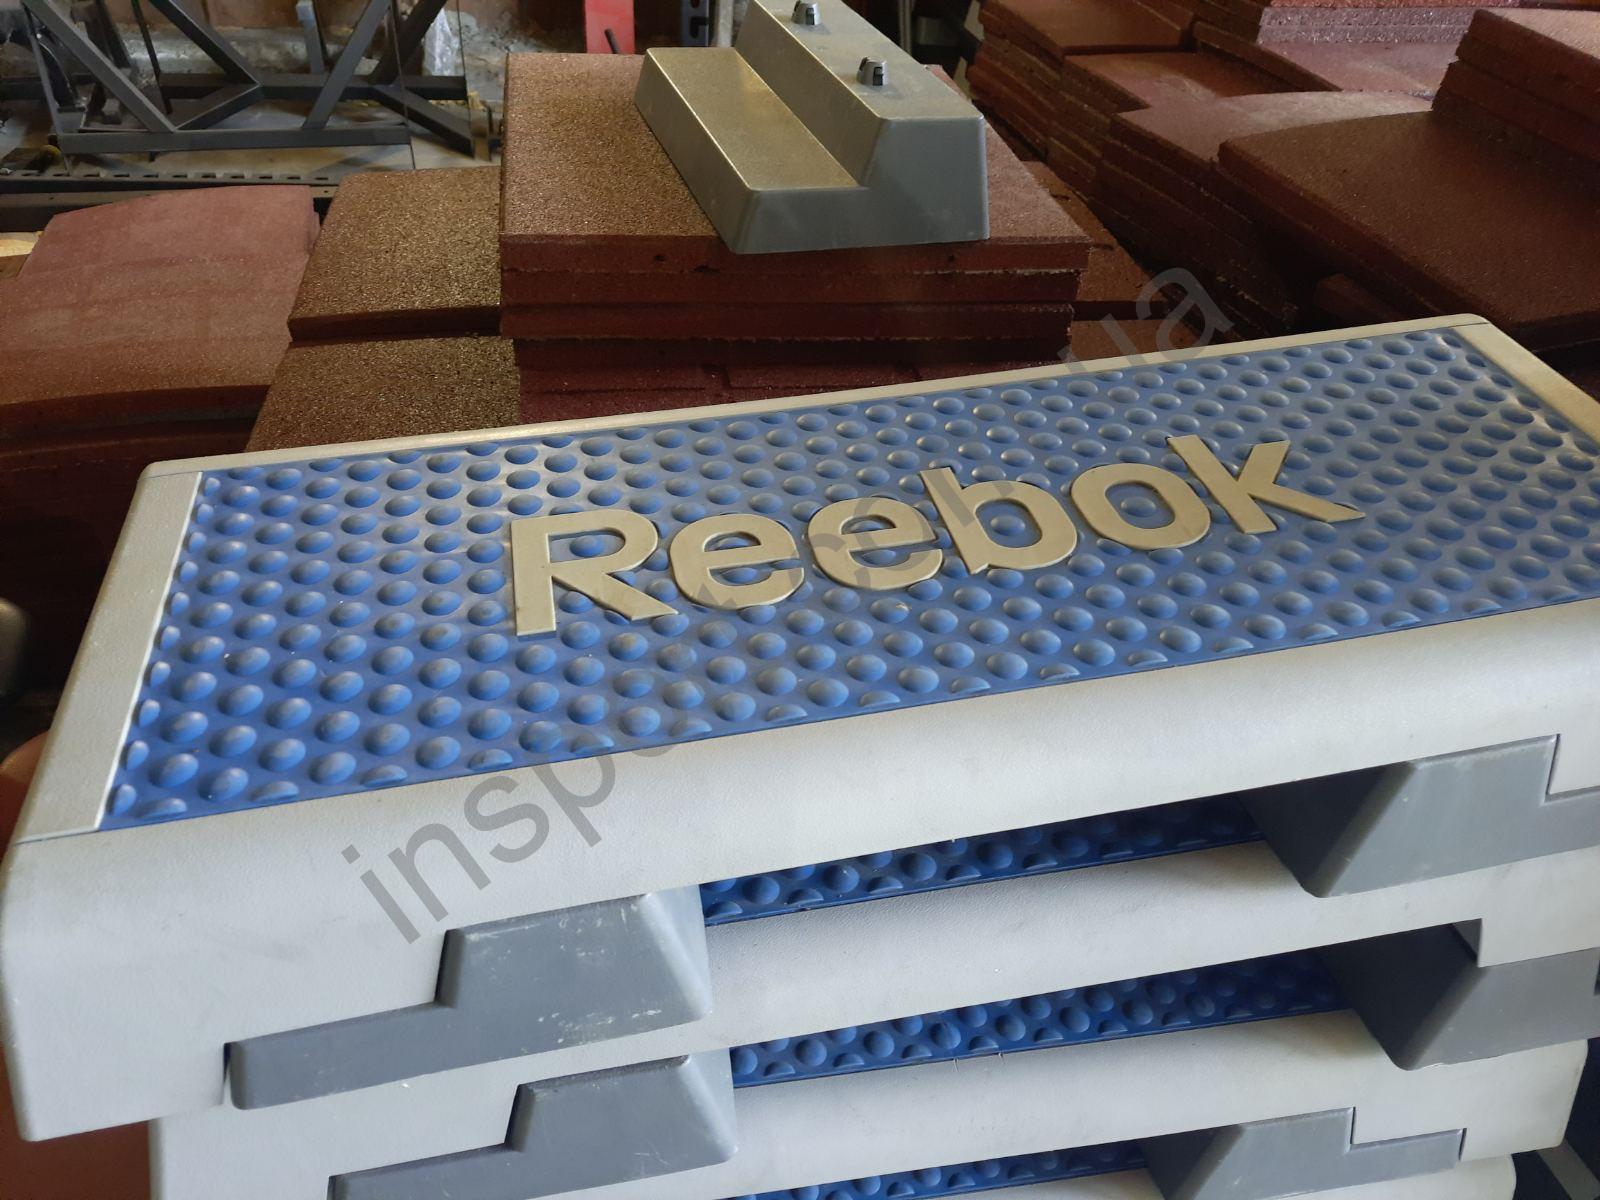 Степ-платформа Reebok б/у